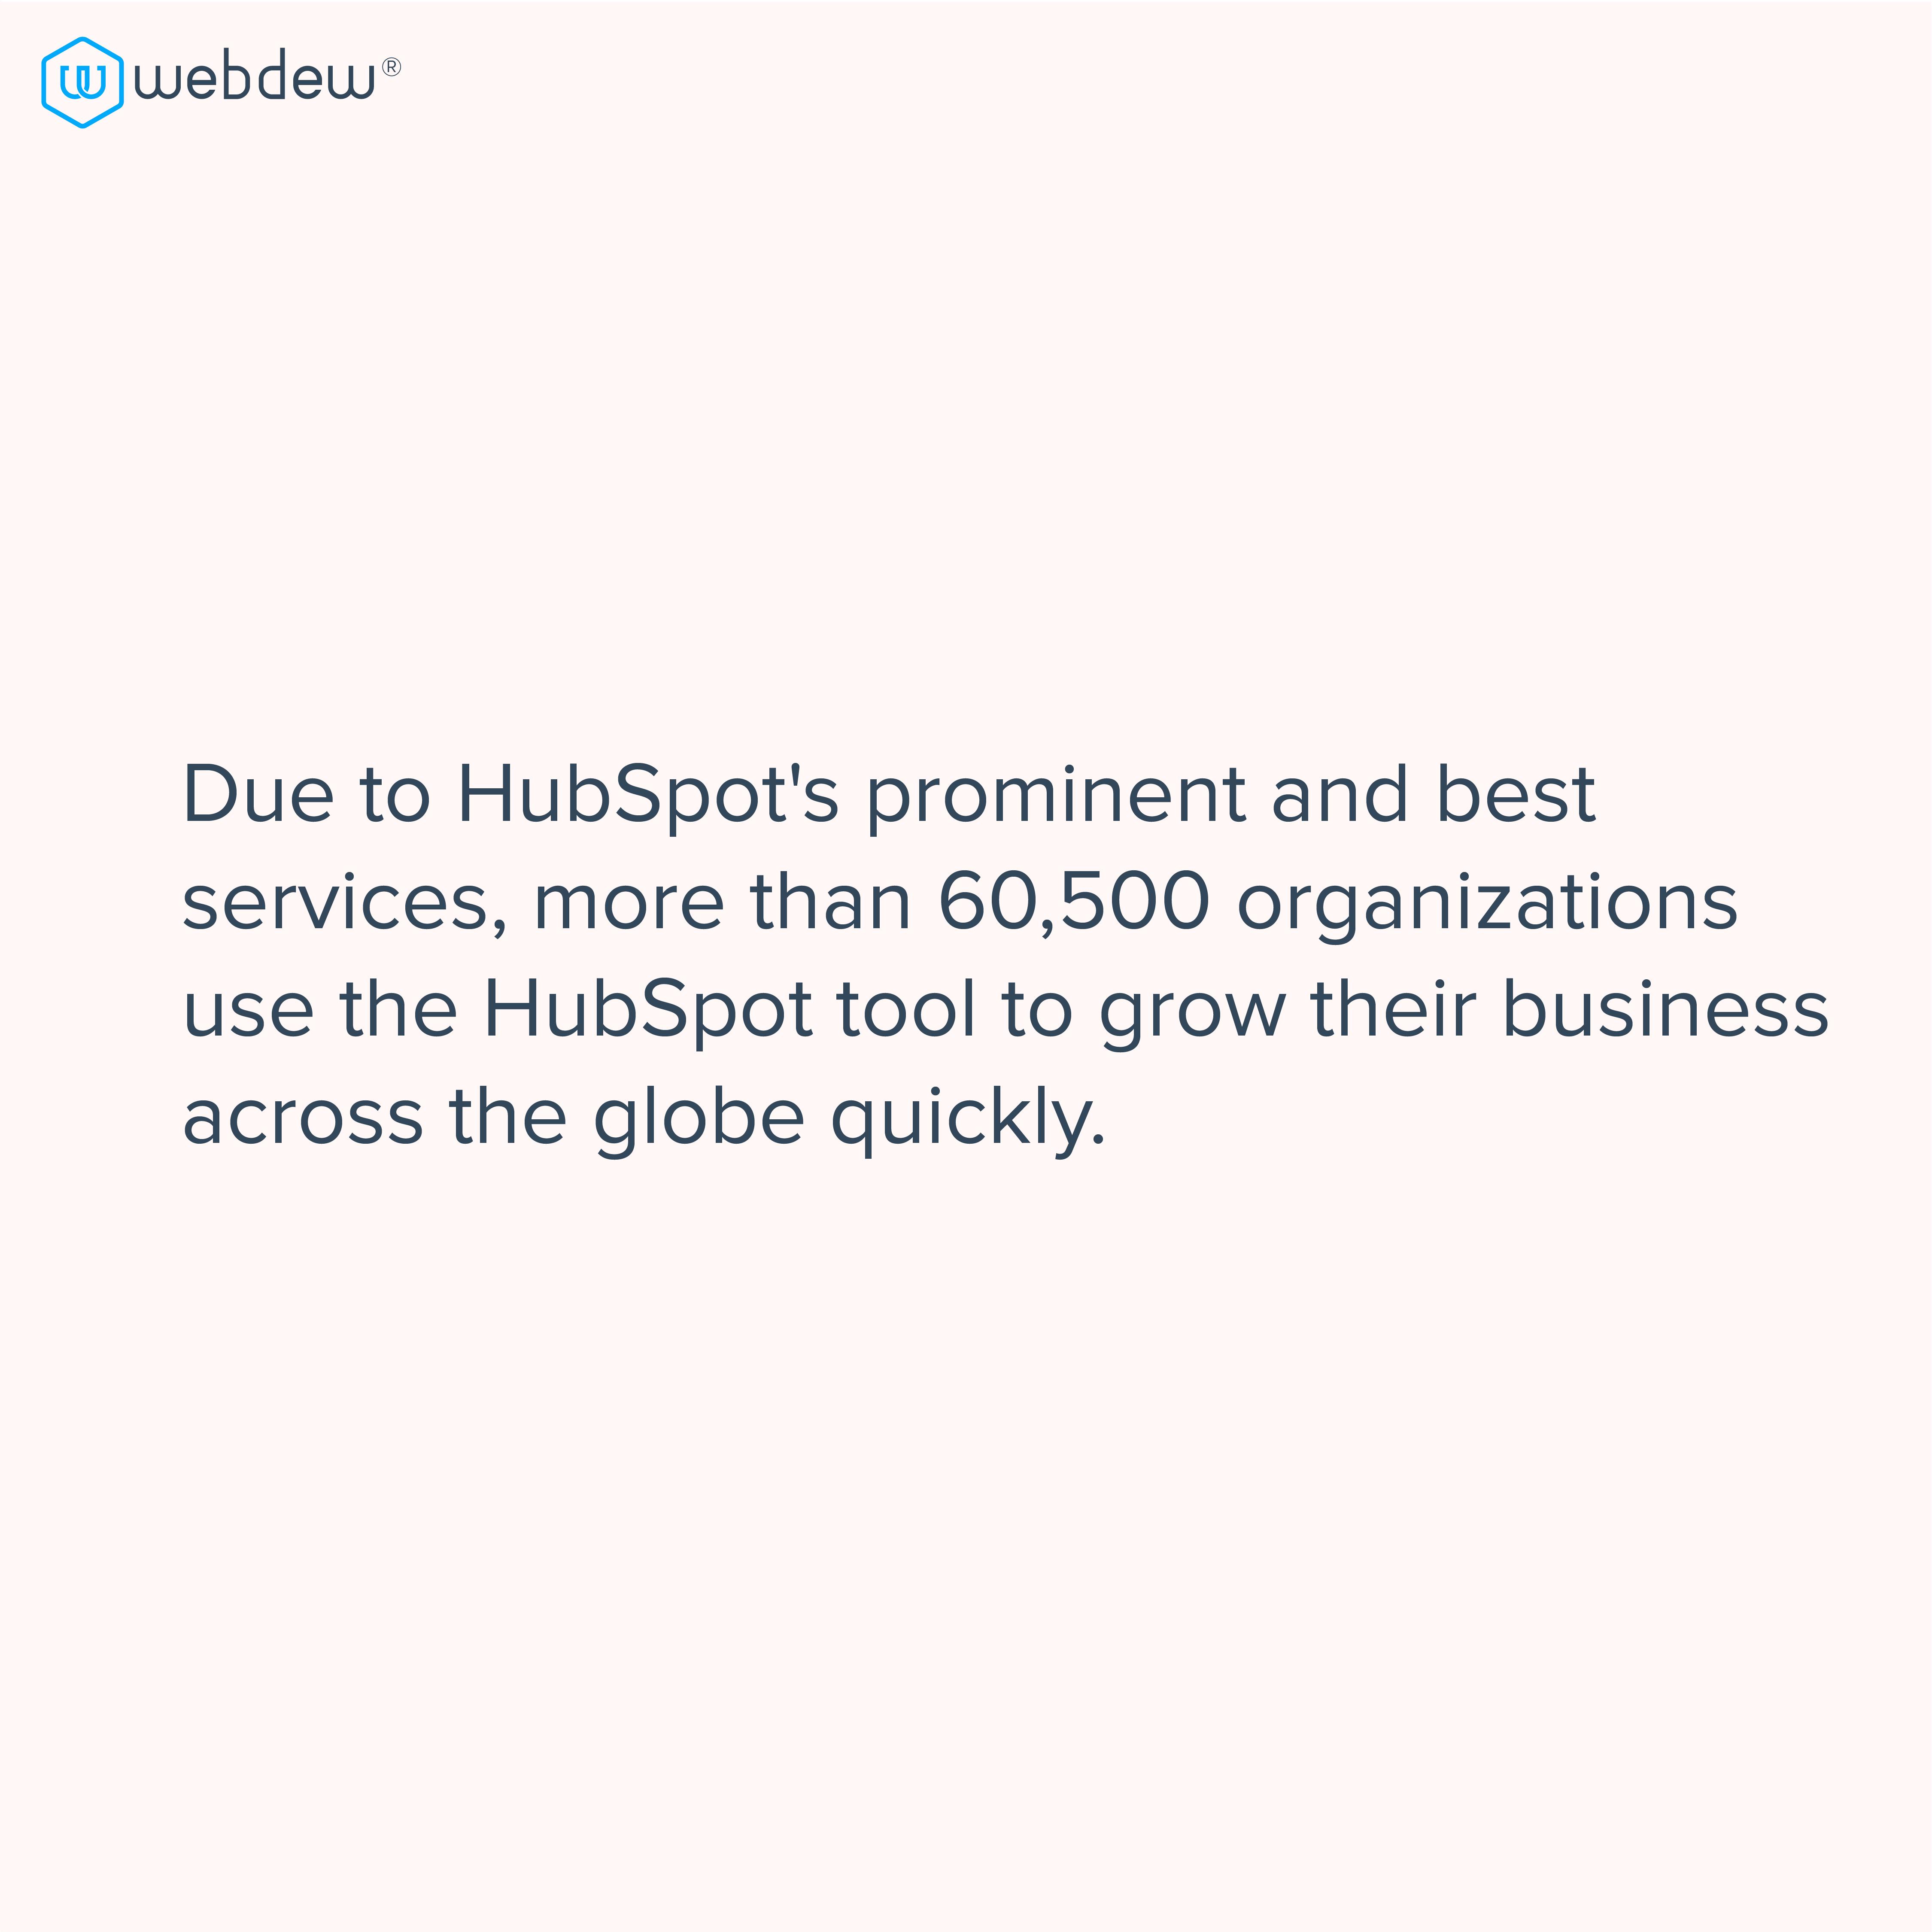 statistics about HubSpot